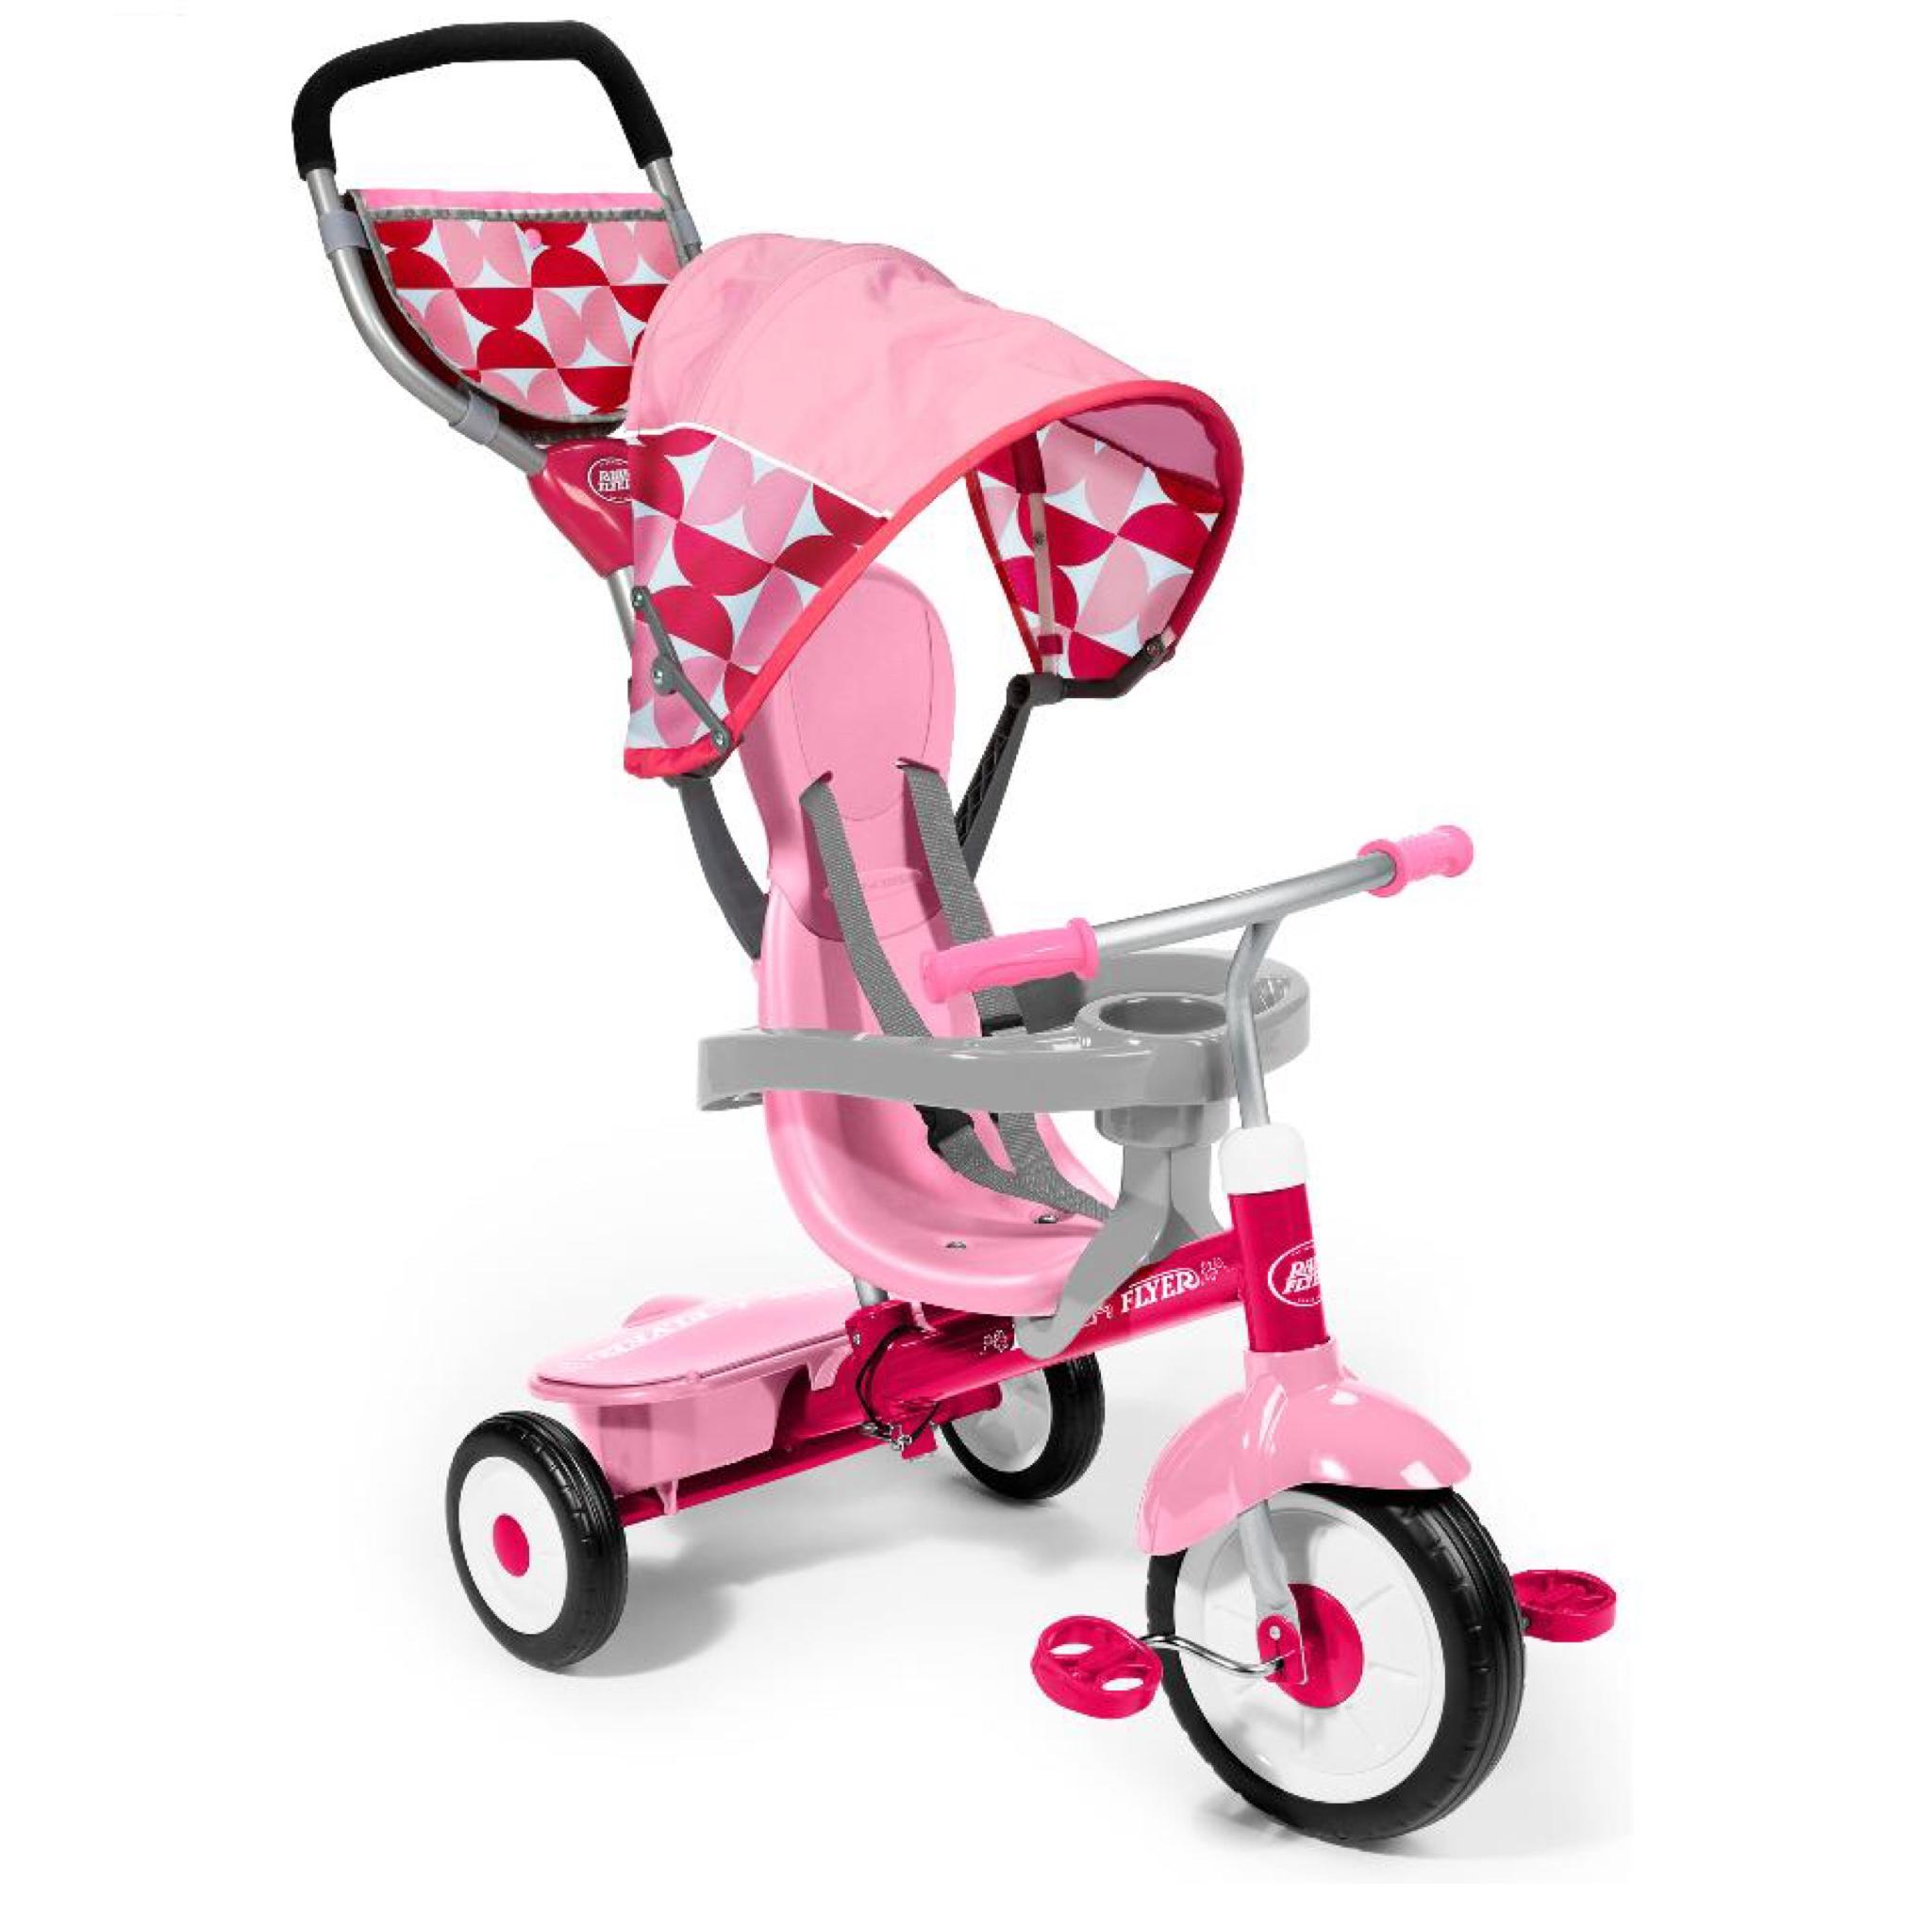 จักรยานสามล้อเอนกประสงค์ Radio Flyer 4-in-1 Stroll 'n Trike (Pink Floral - Limited Edition)